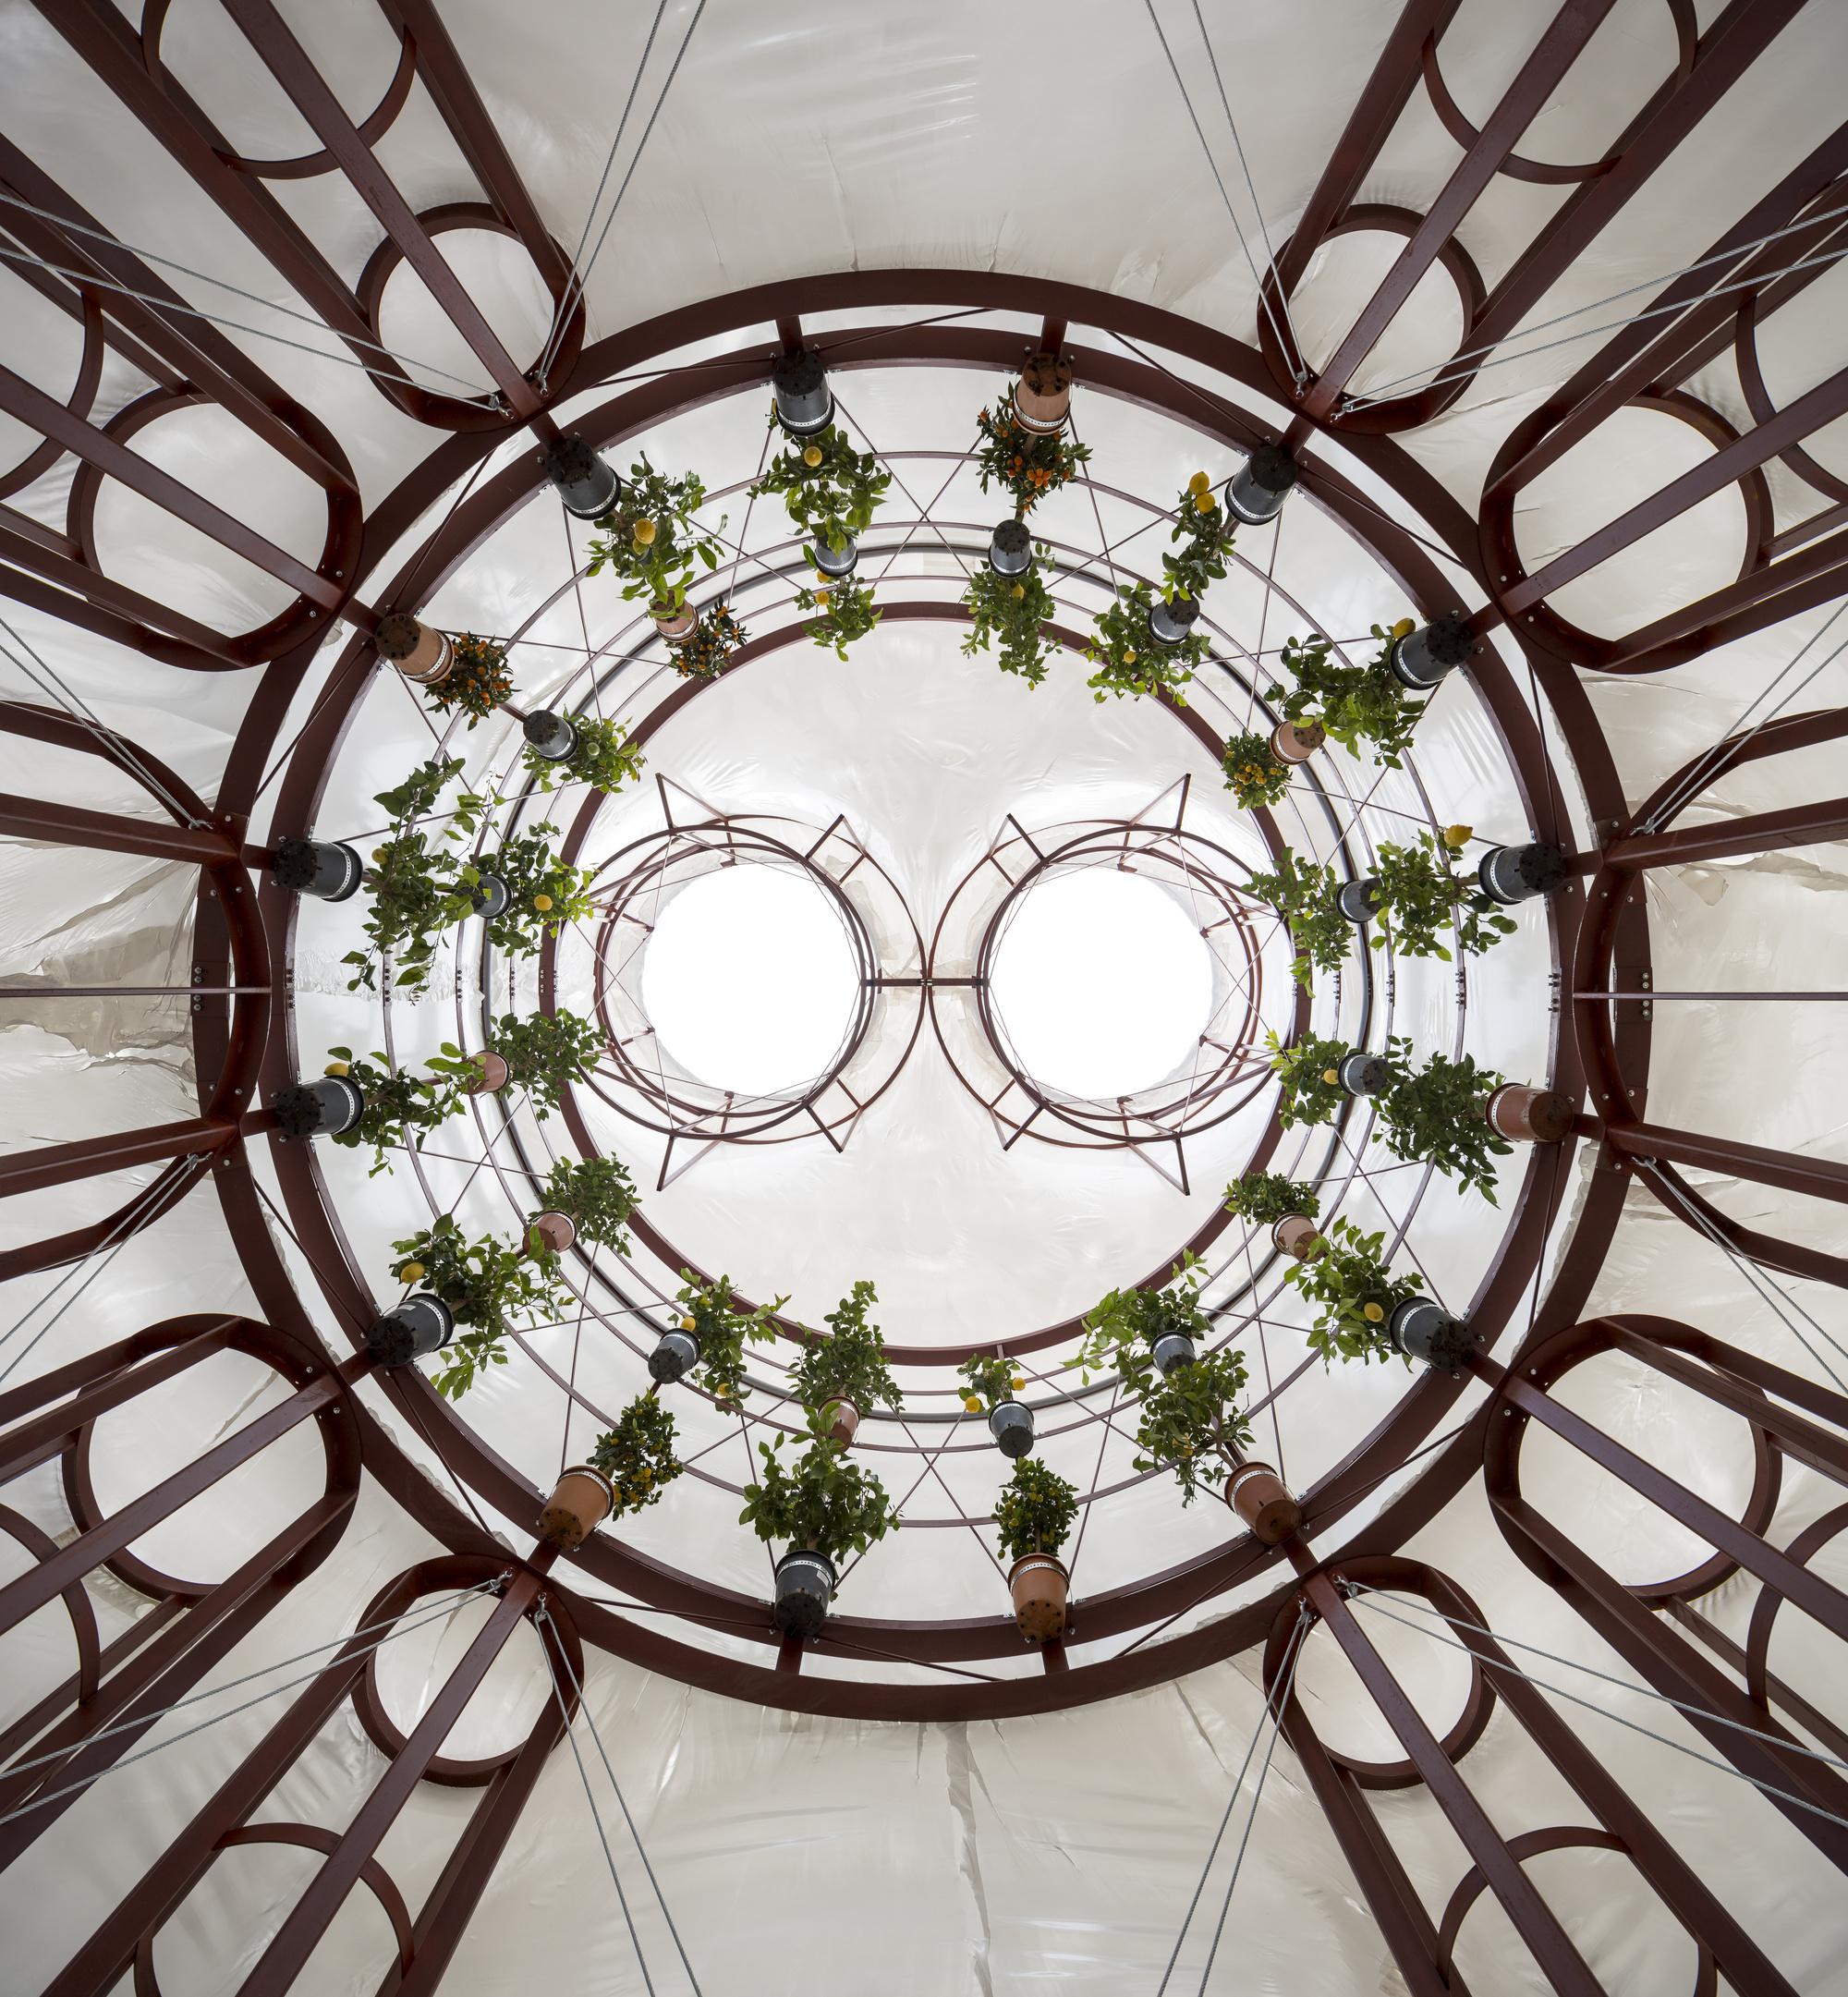 Lenschou Pihlmann pavillon i gl. holtegaards barokhave